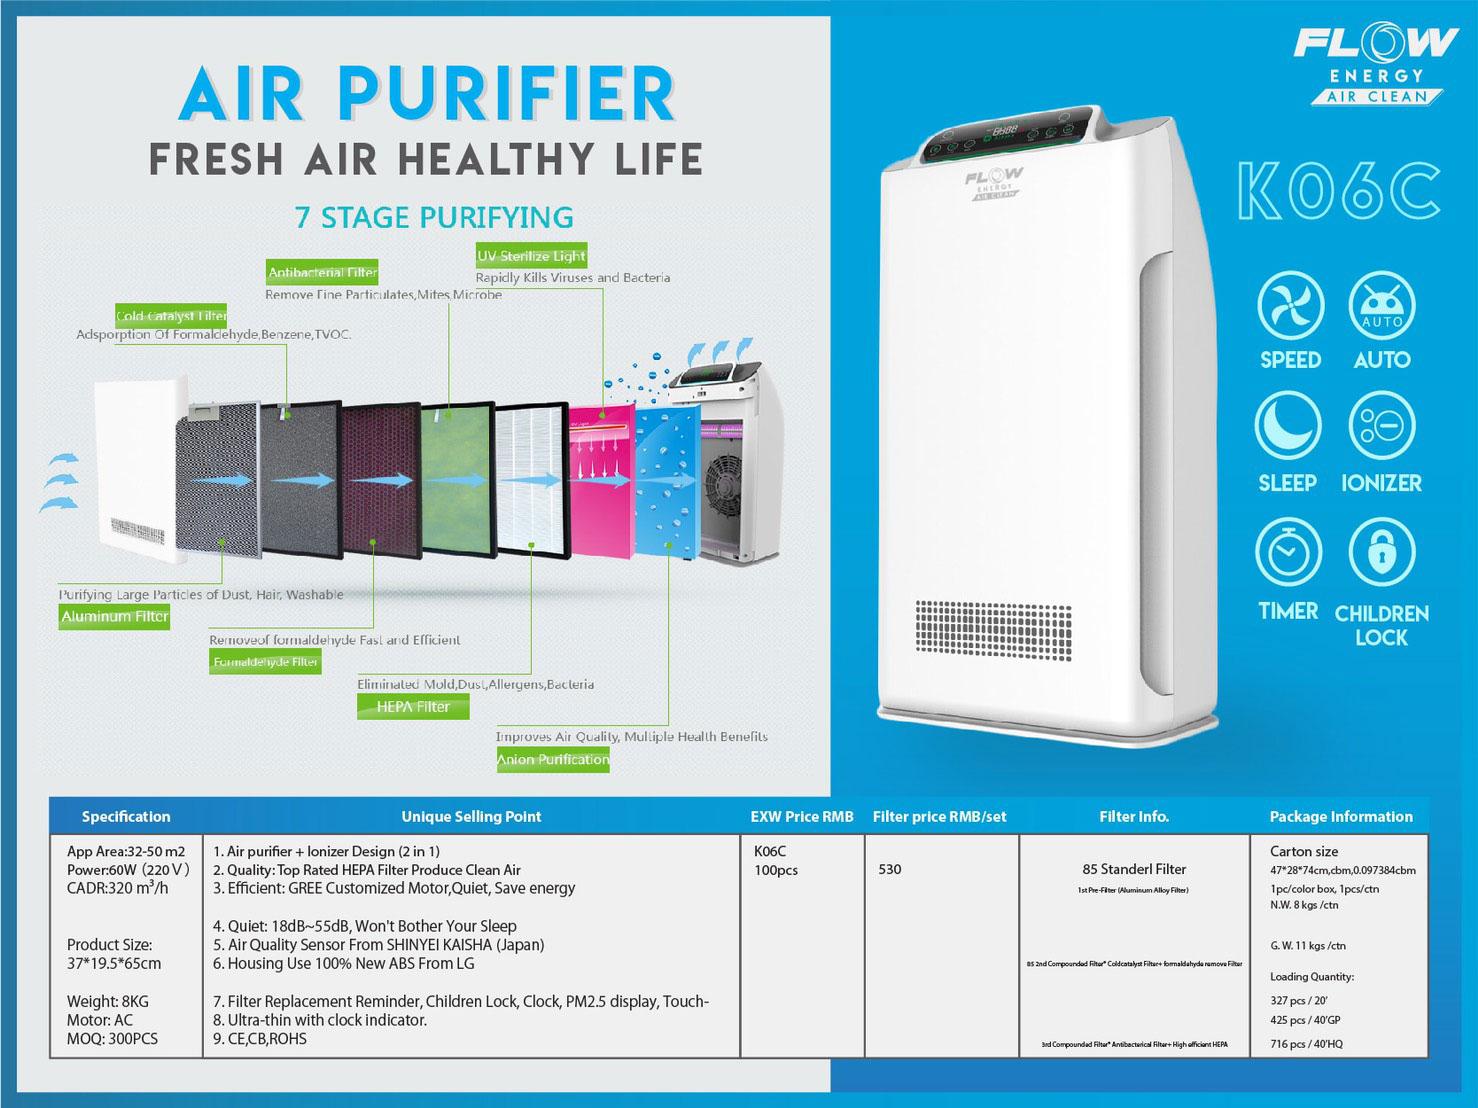 เครื่องฟอกอากาศ PM2.5 ยี่ห้อ Flow รุ่น K06C ห้องไม่เกิน 32 ตร.ม. แผ่นกรอง 7 ชั้น